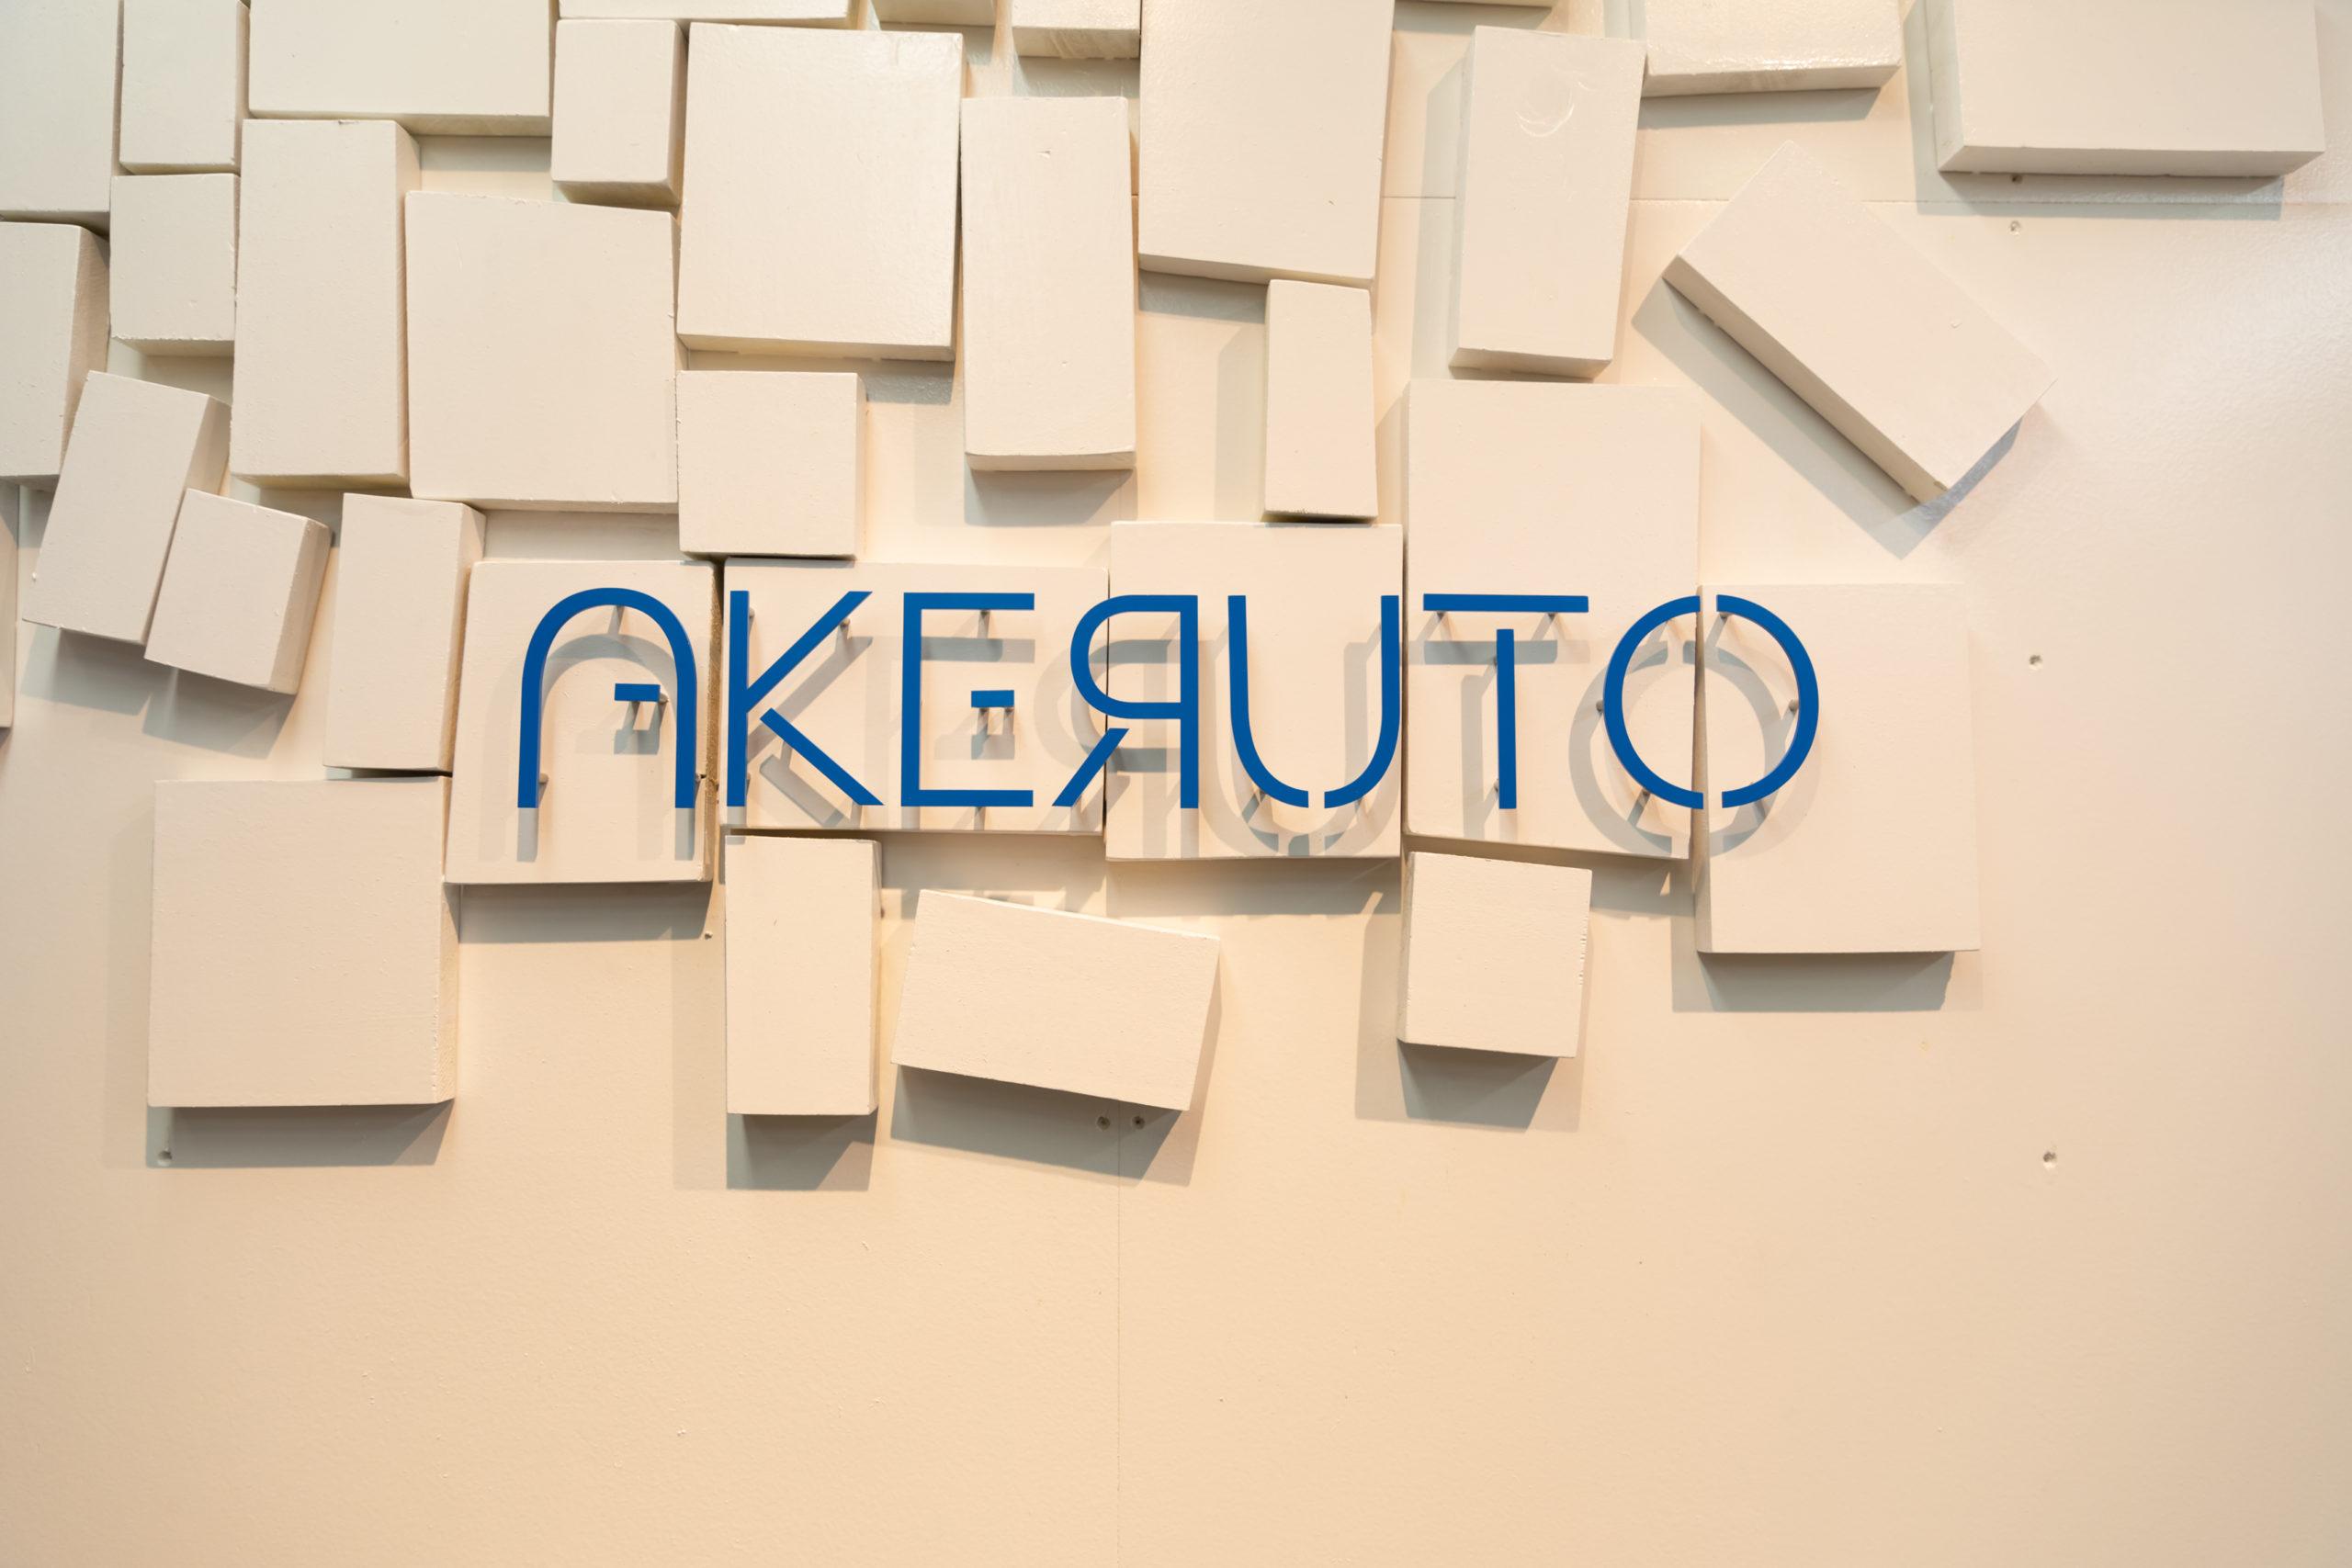 「akrutoウォール」って呼ばれてます